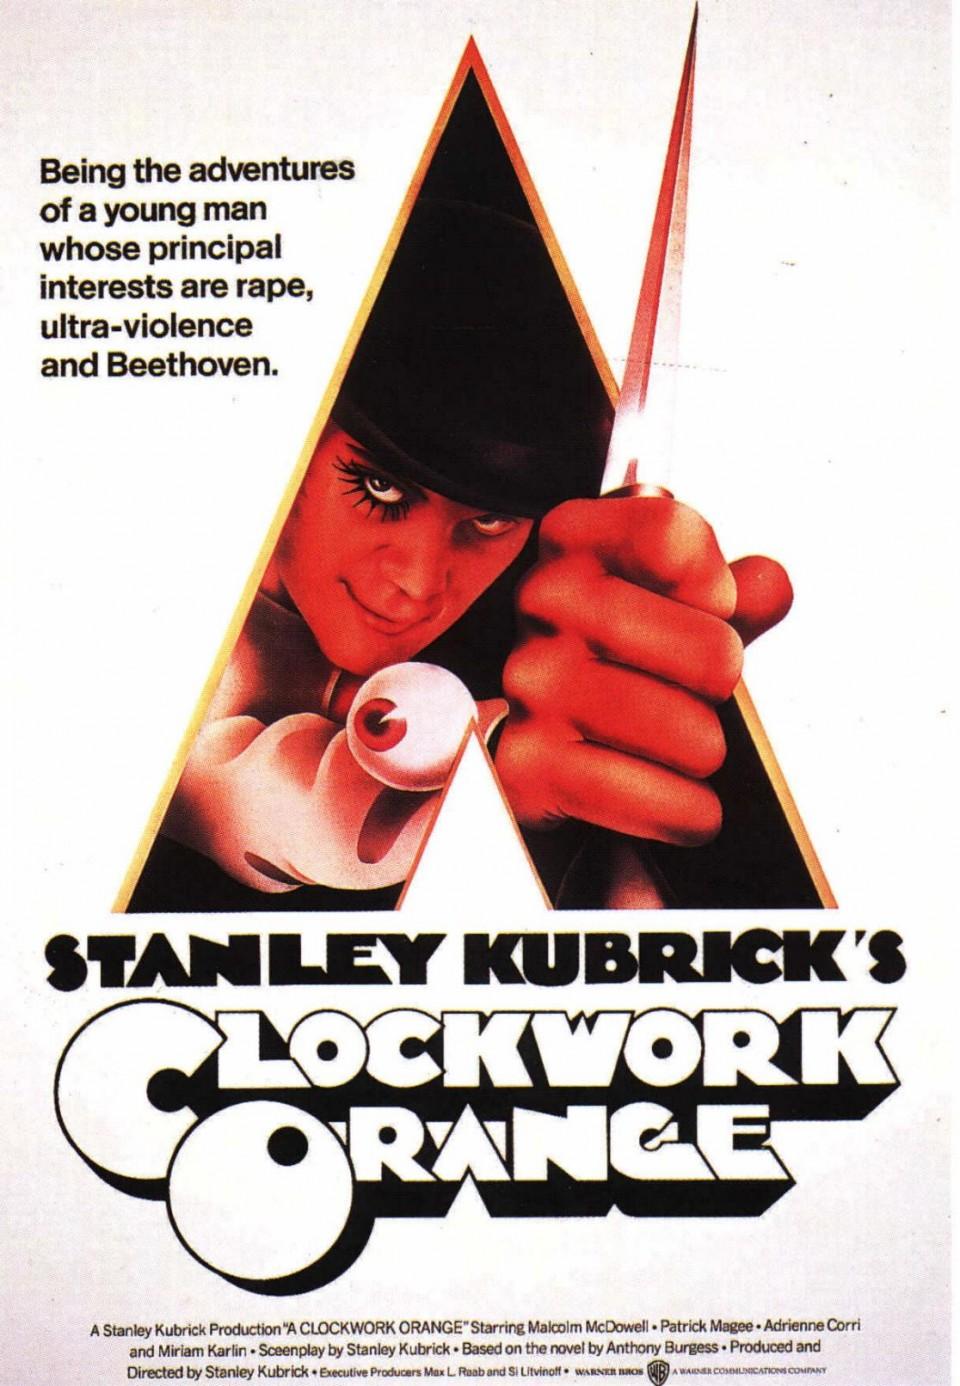 A-Clockwork-Orange-poster-cult-films-424739_1116_1612